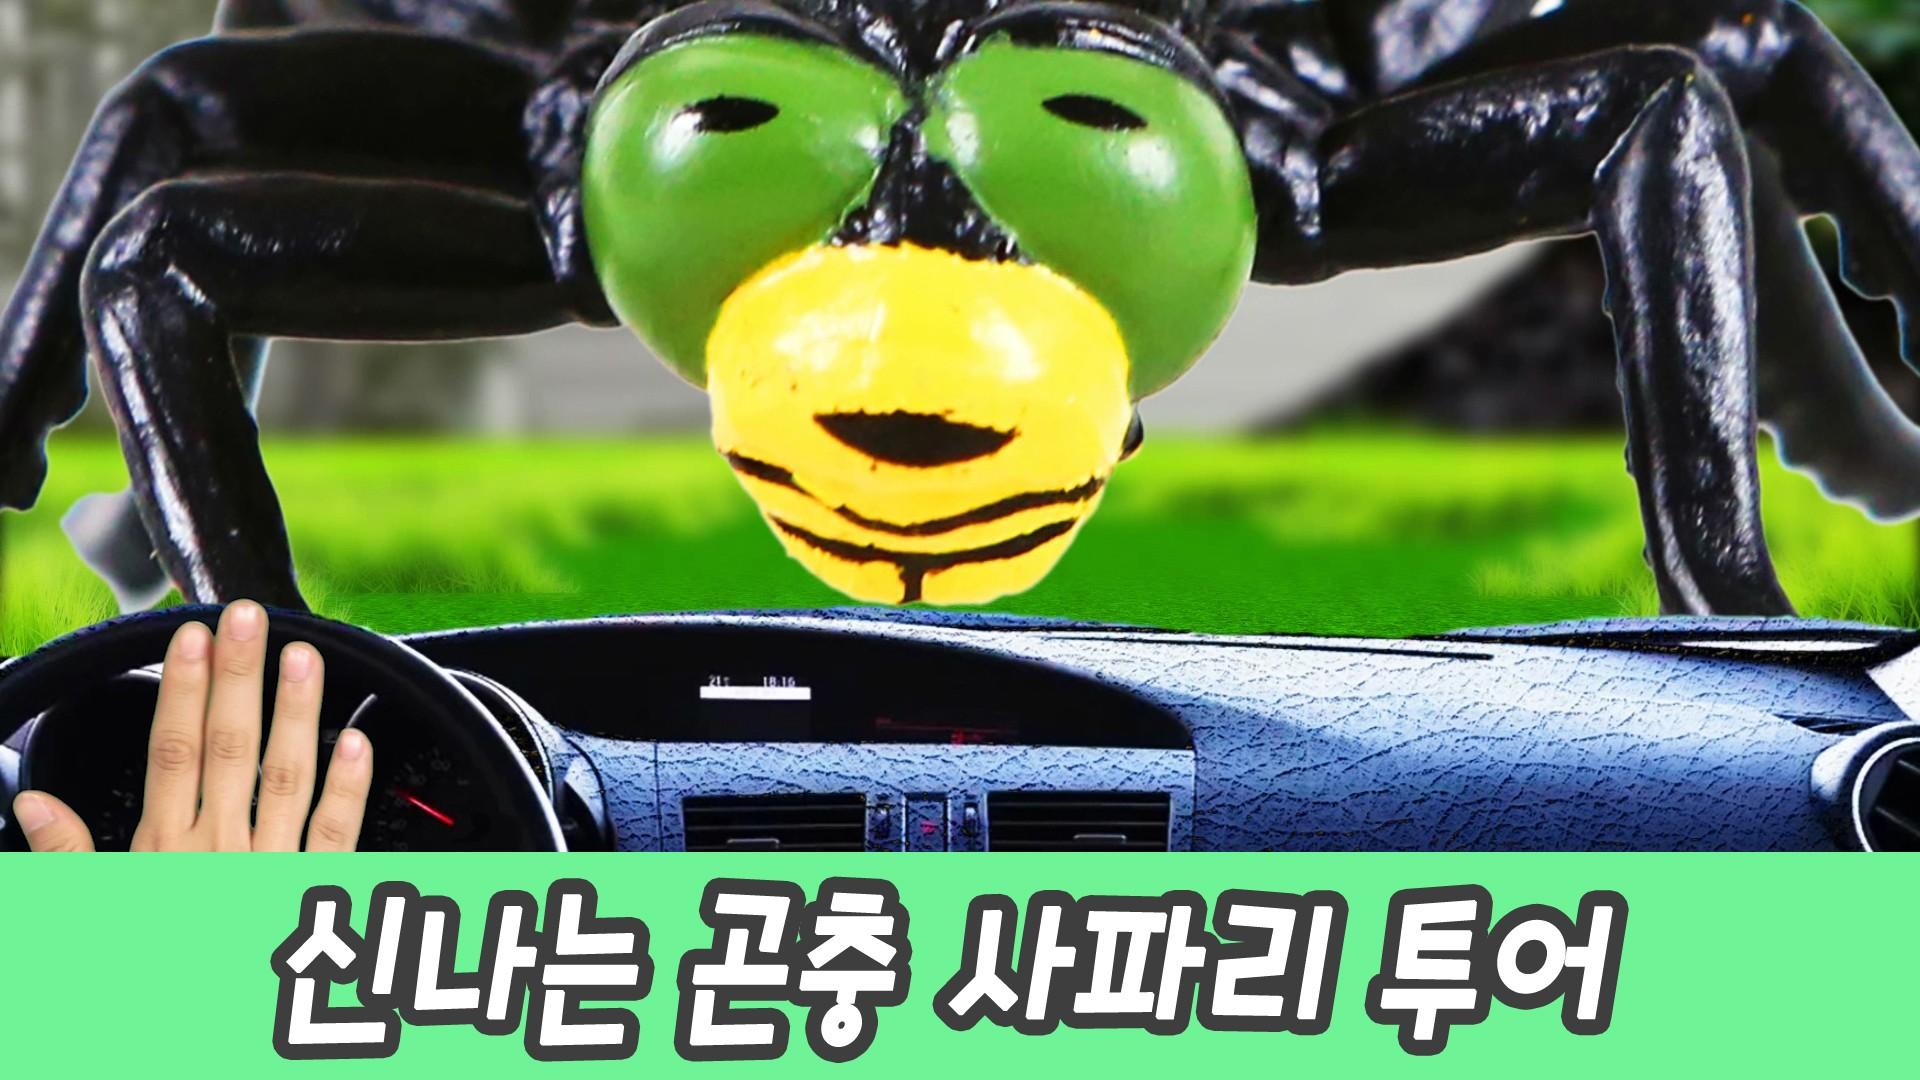 한국어ㅣ신나는 곤충 사파리 투어, 어린이 동물 만화, 곤충 이름 외우기ㅣ꼬꼬스토이